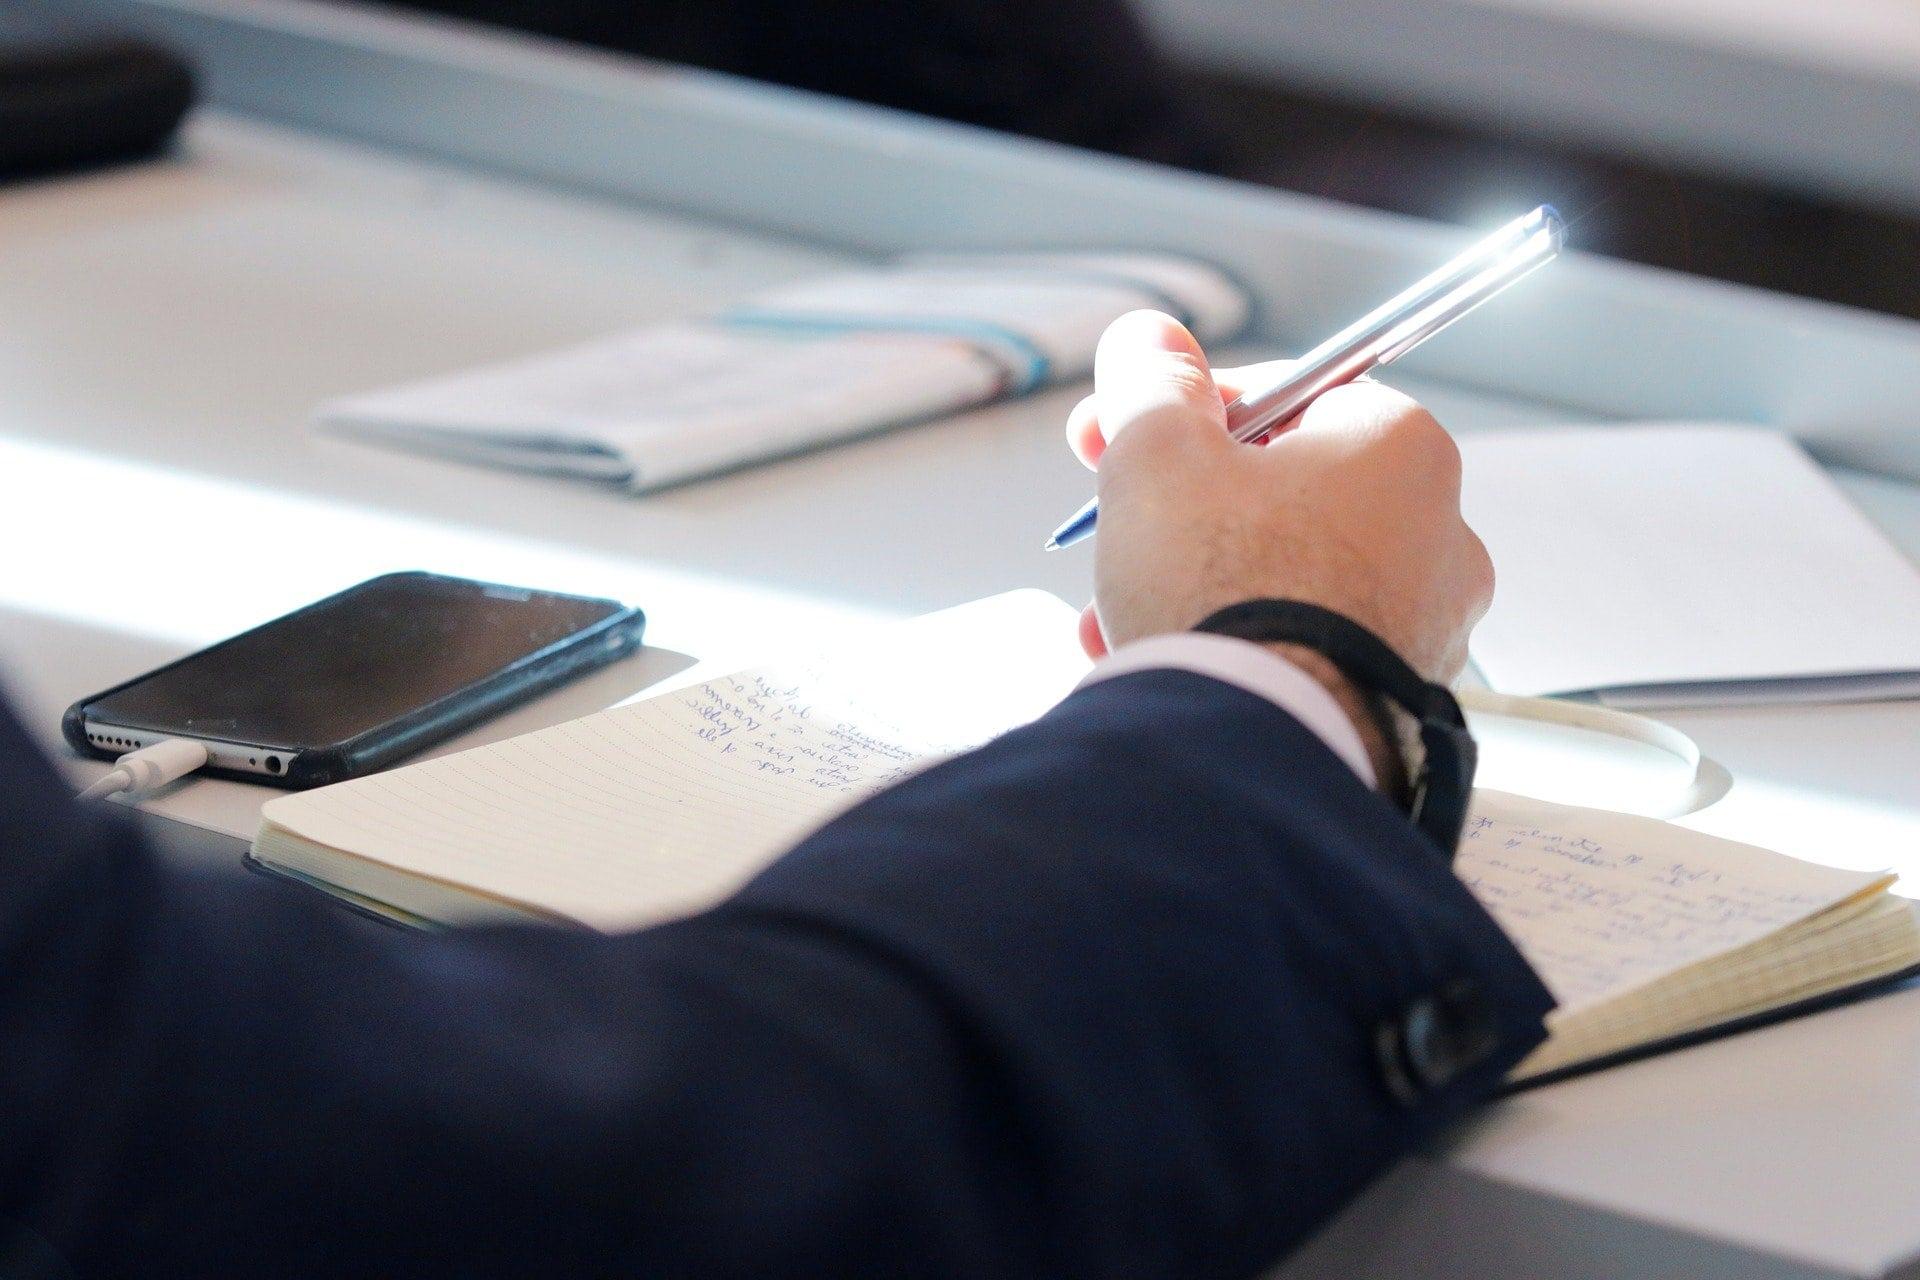 Konferenz Workshop Iphone Smartphone Schreiben - (c) Pixabay